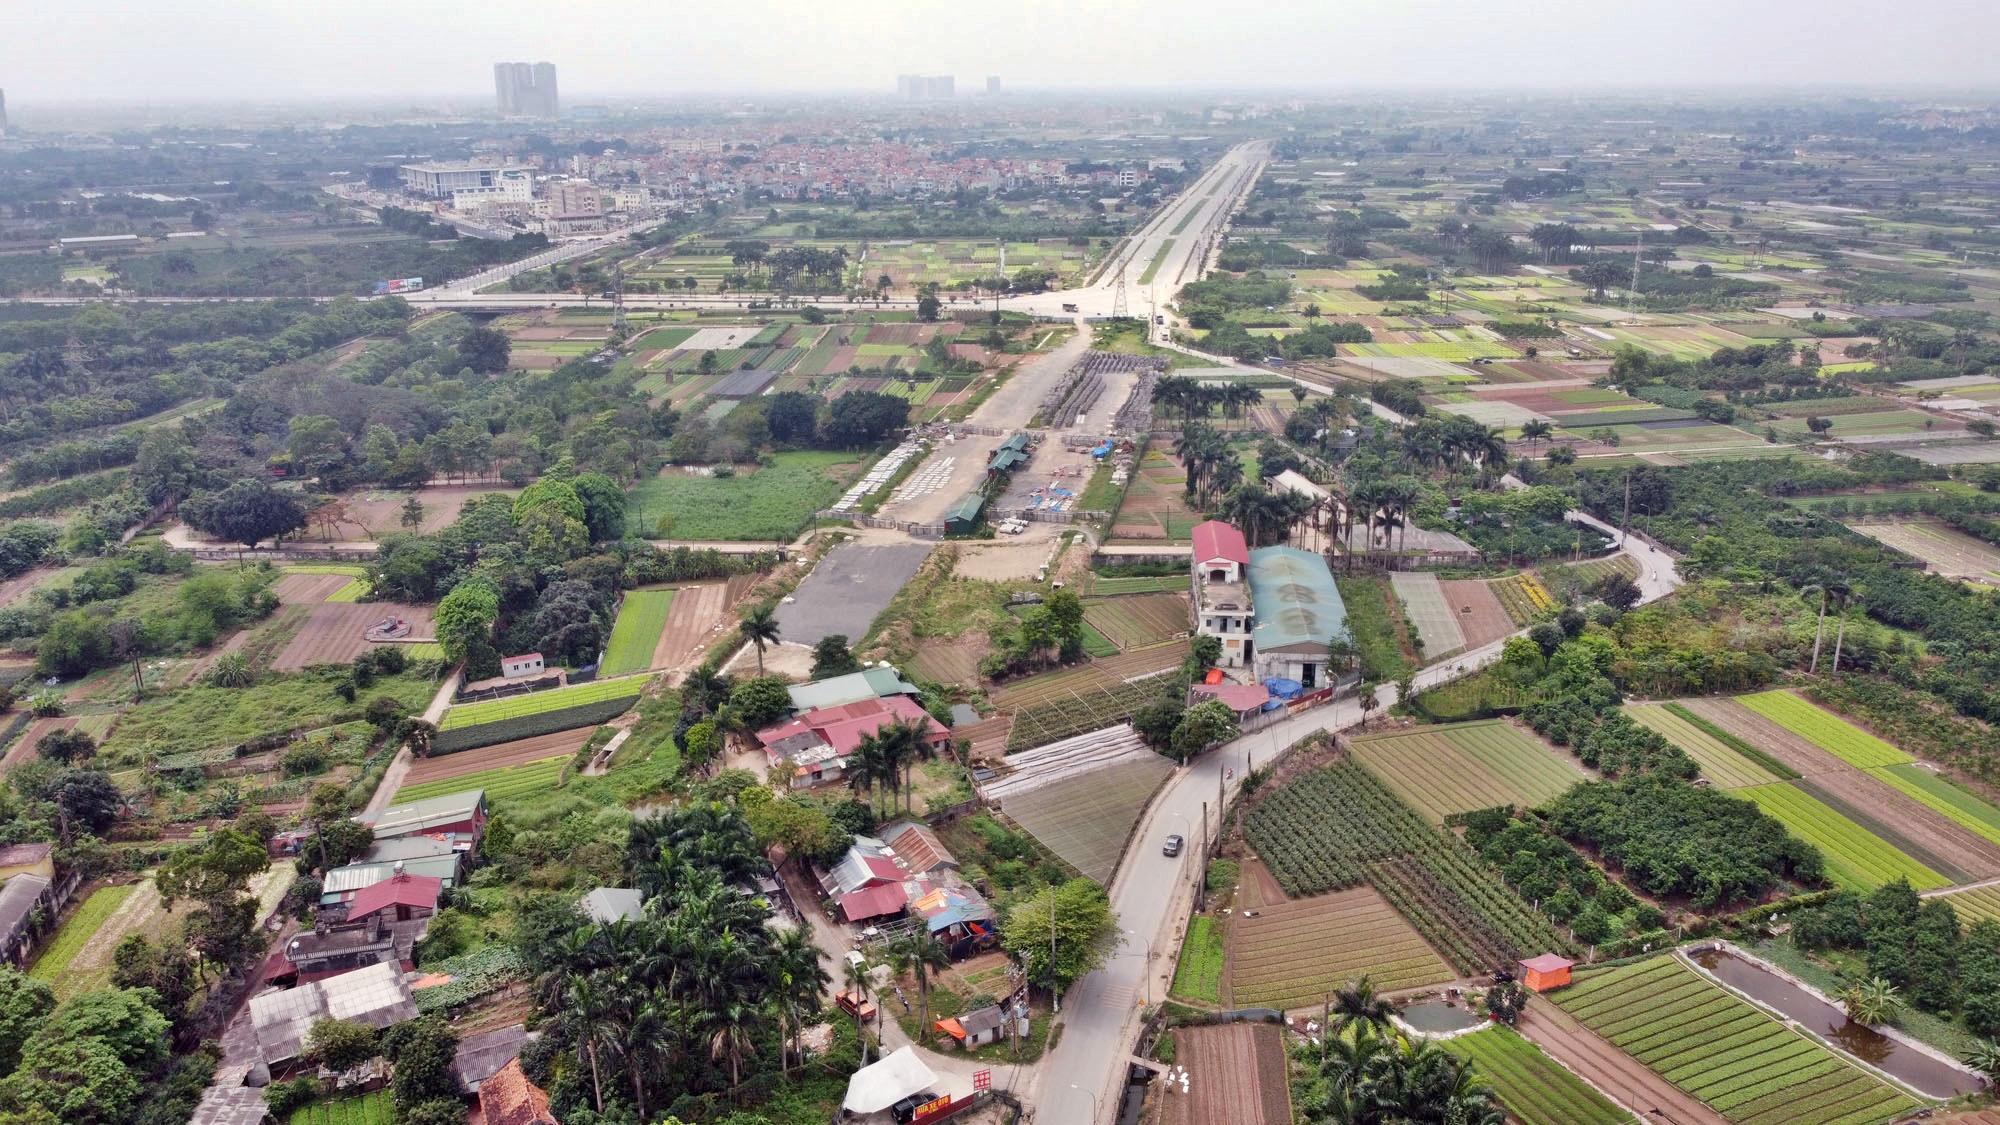 Toàn cảnh đường Tây Thăng Long đang mở theo quy hoạch ở Hà Nội - Ảnh 10.